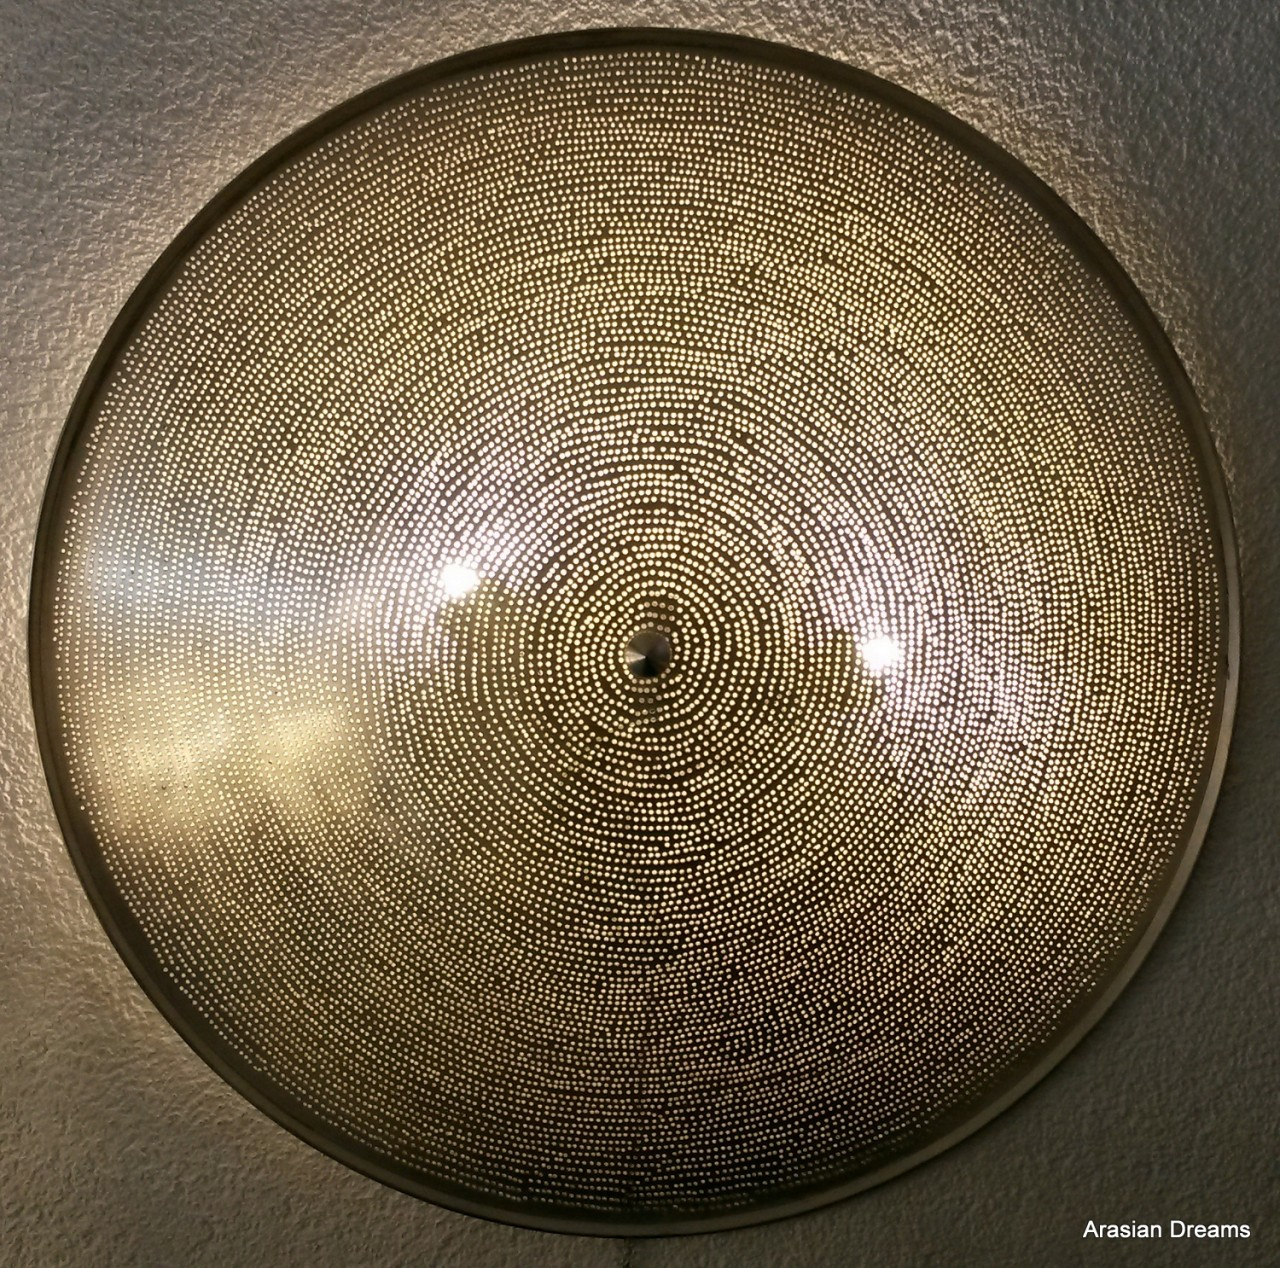 Wandlampe / Deckenlampe - 60 cm - versilbert - Filisky XL - Zenza